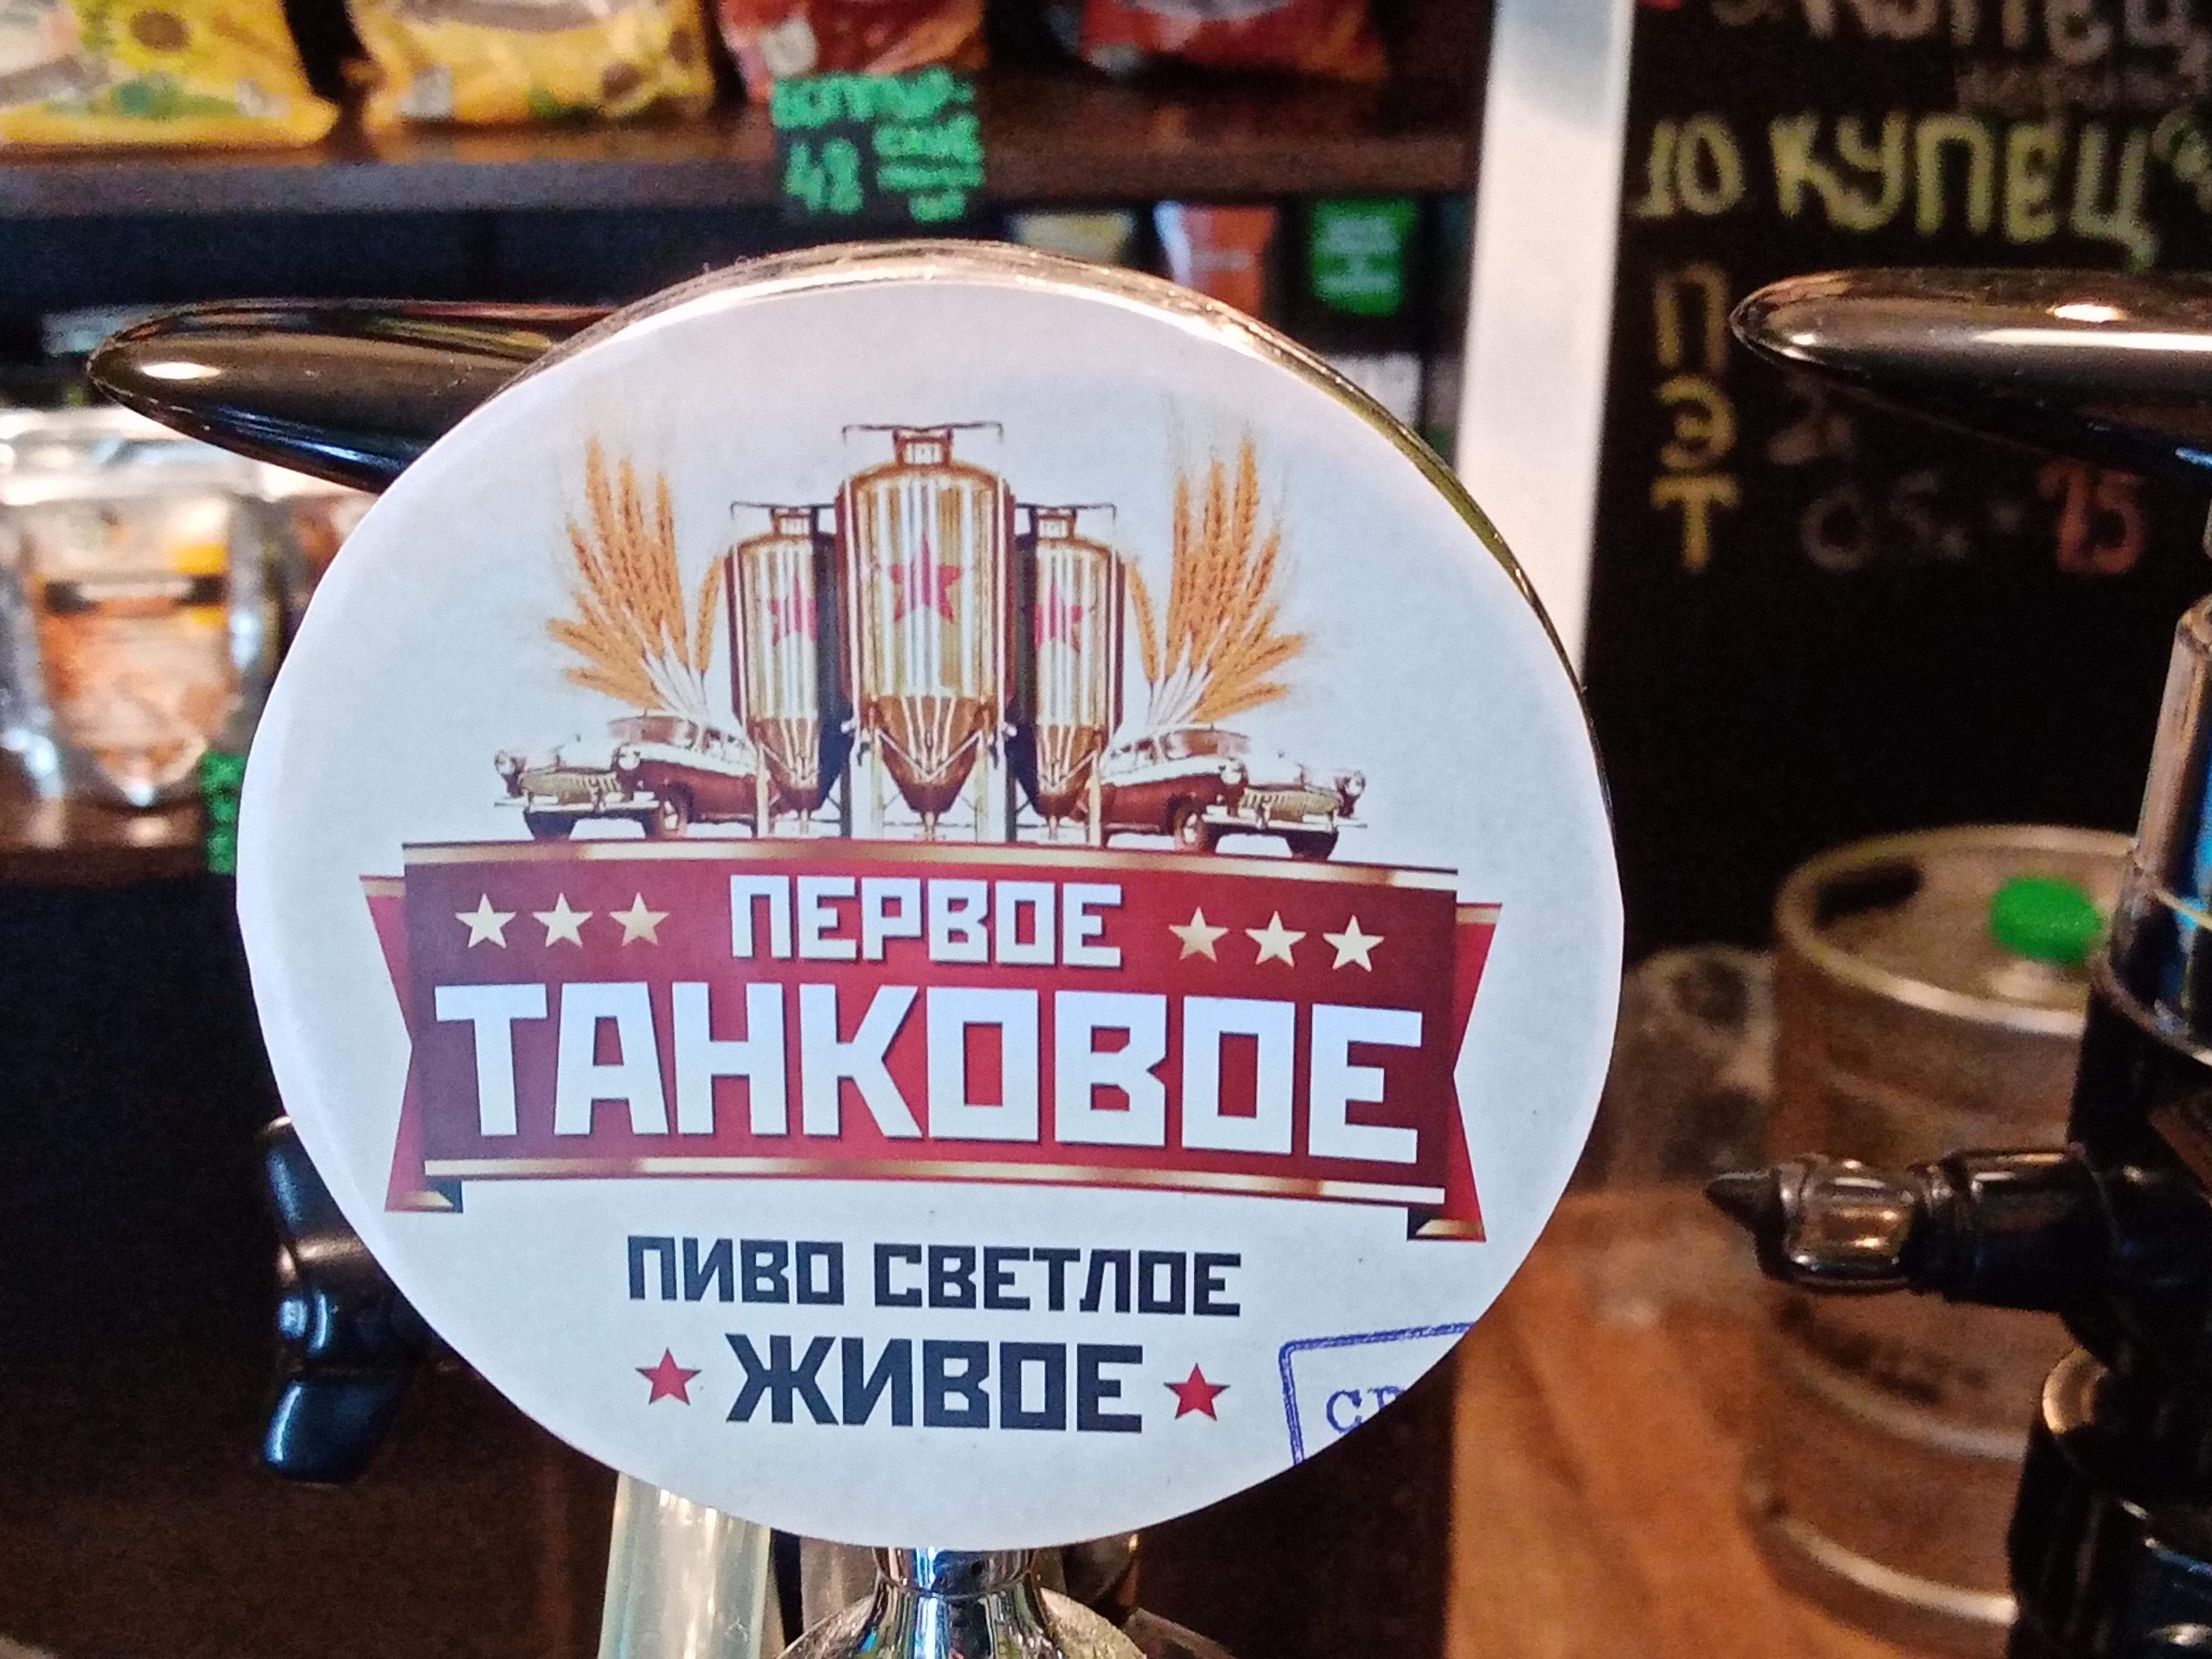 пиво танковое картинки трех дней